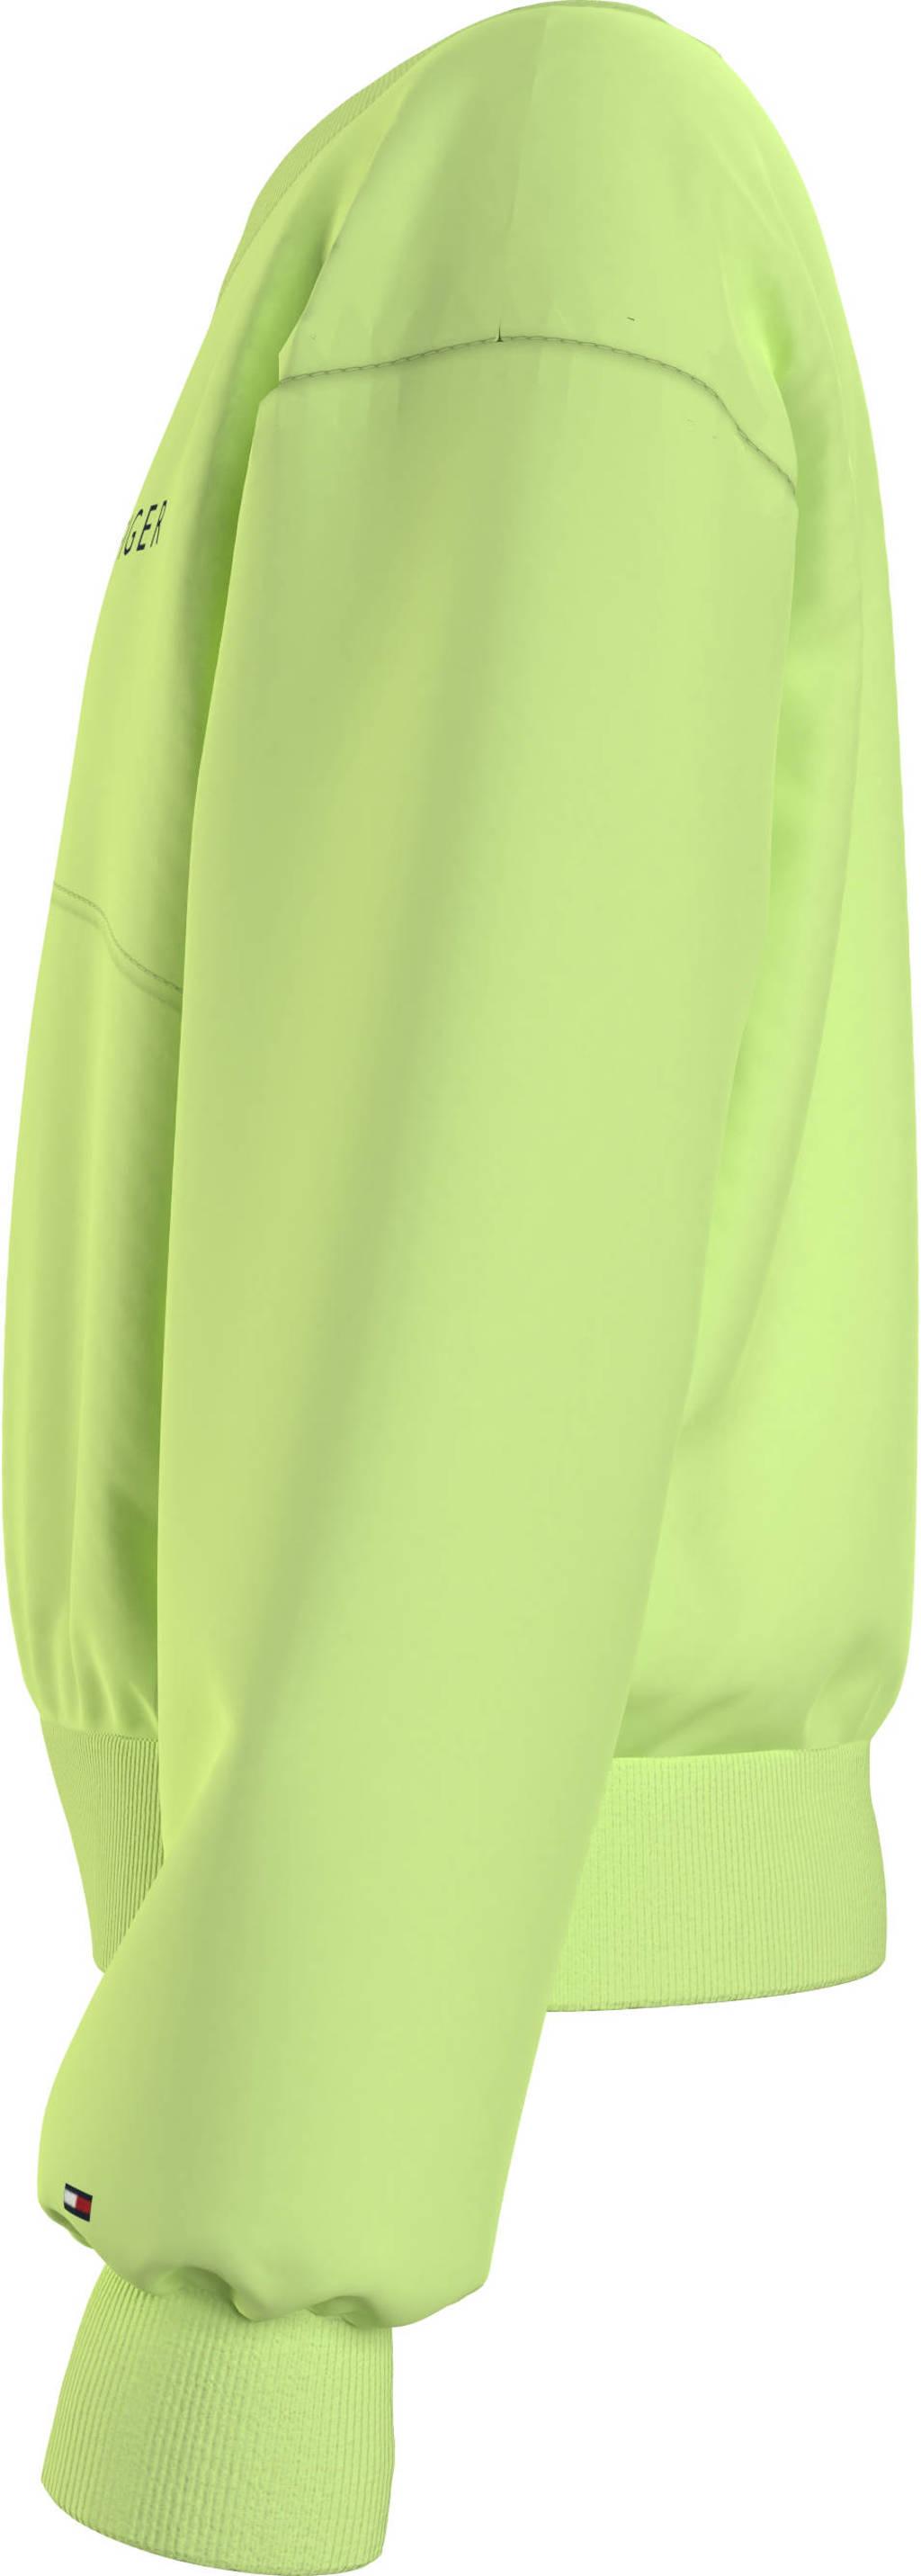 Tommy Hilfiger sweater met logo limegroen, Limegroen